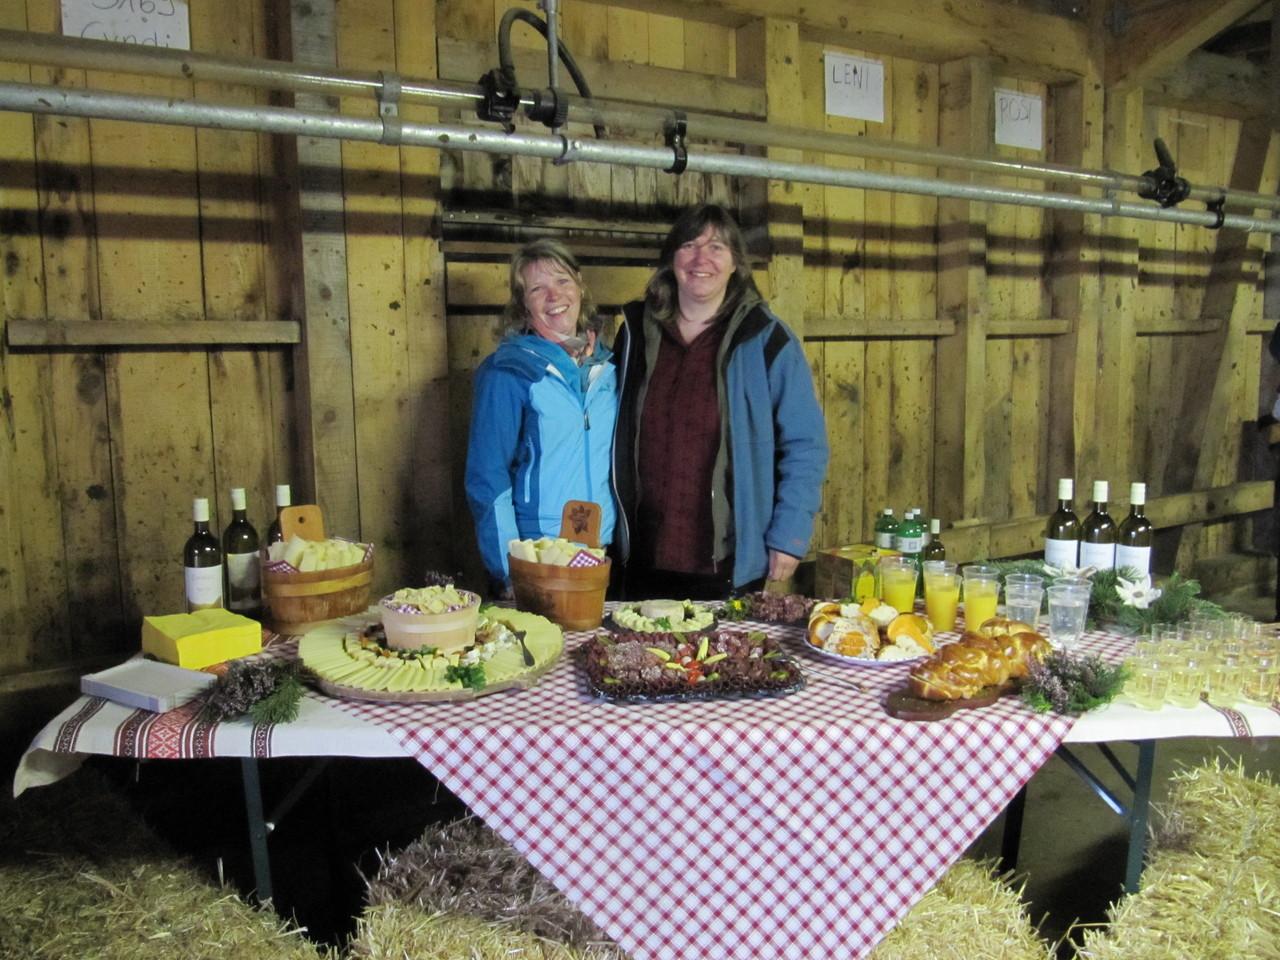 Märtfrauen Grindelwald: v.li. Monika Aeschlimann und Silvia Wahli